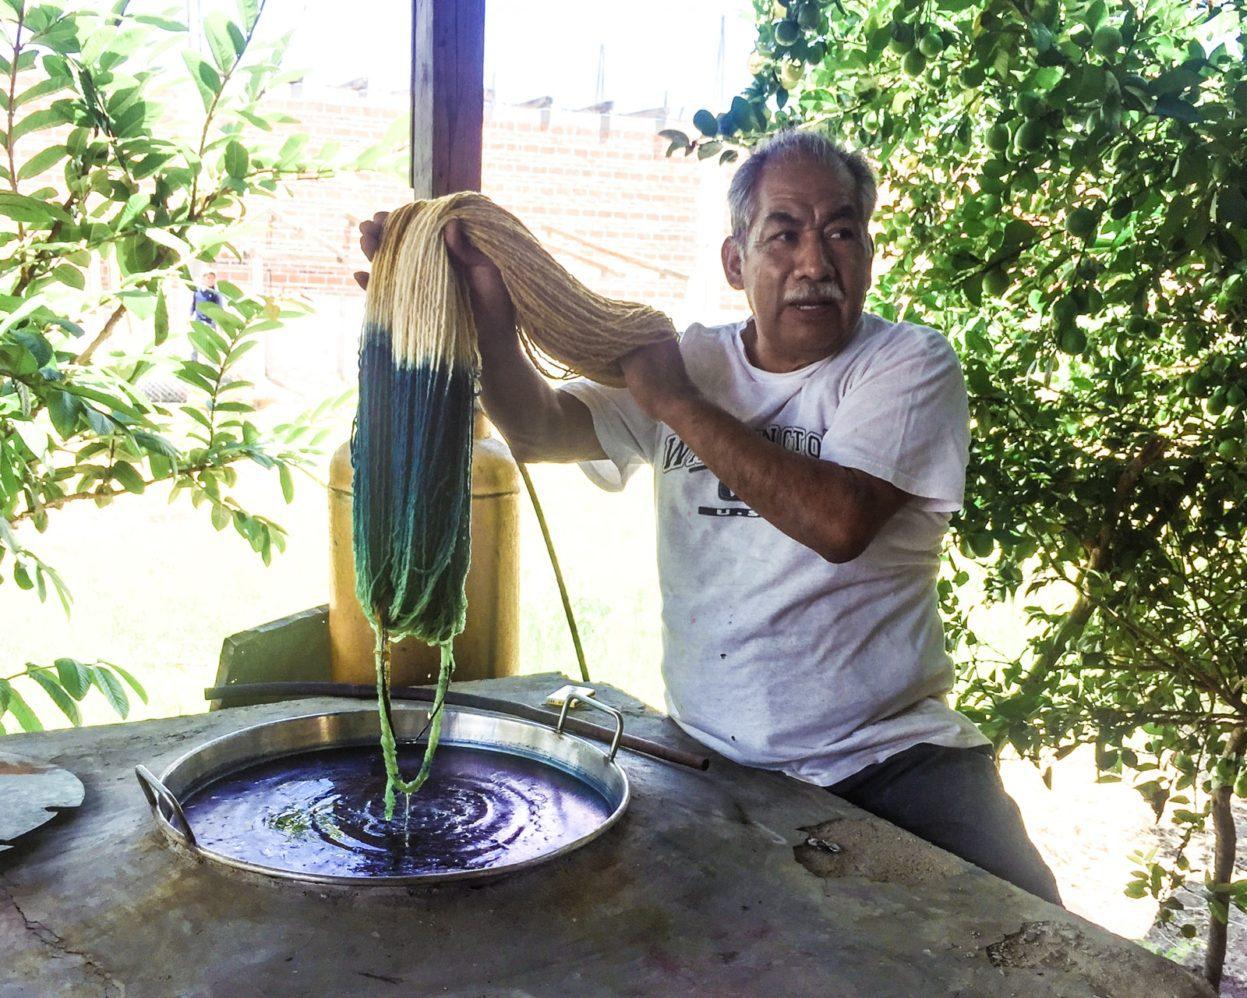 dip dye technique in mitla oaxaca